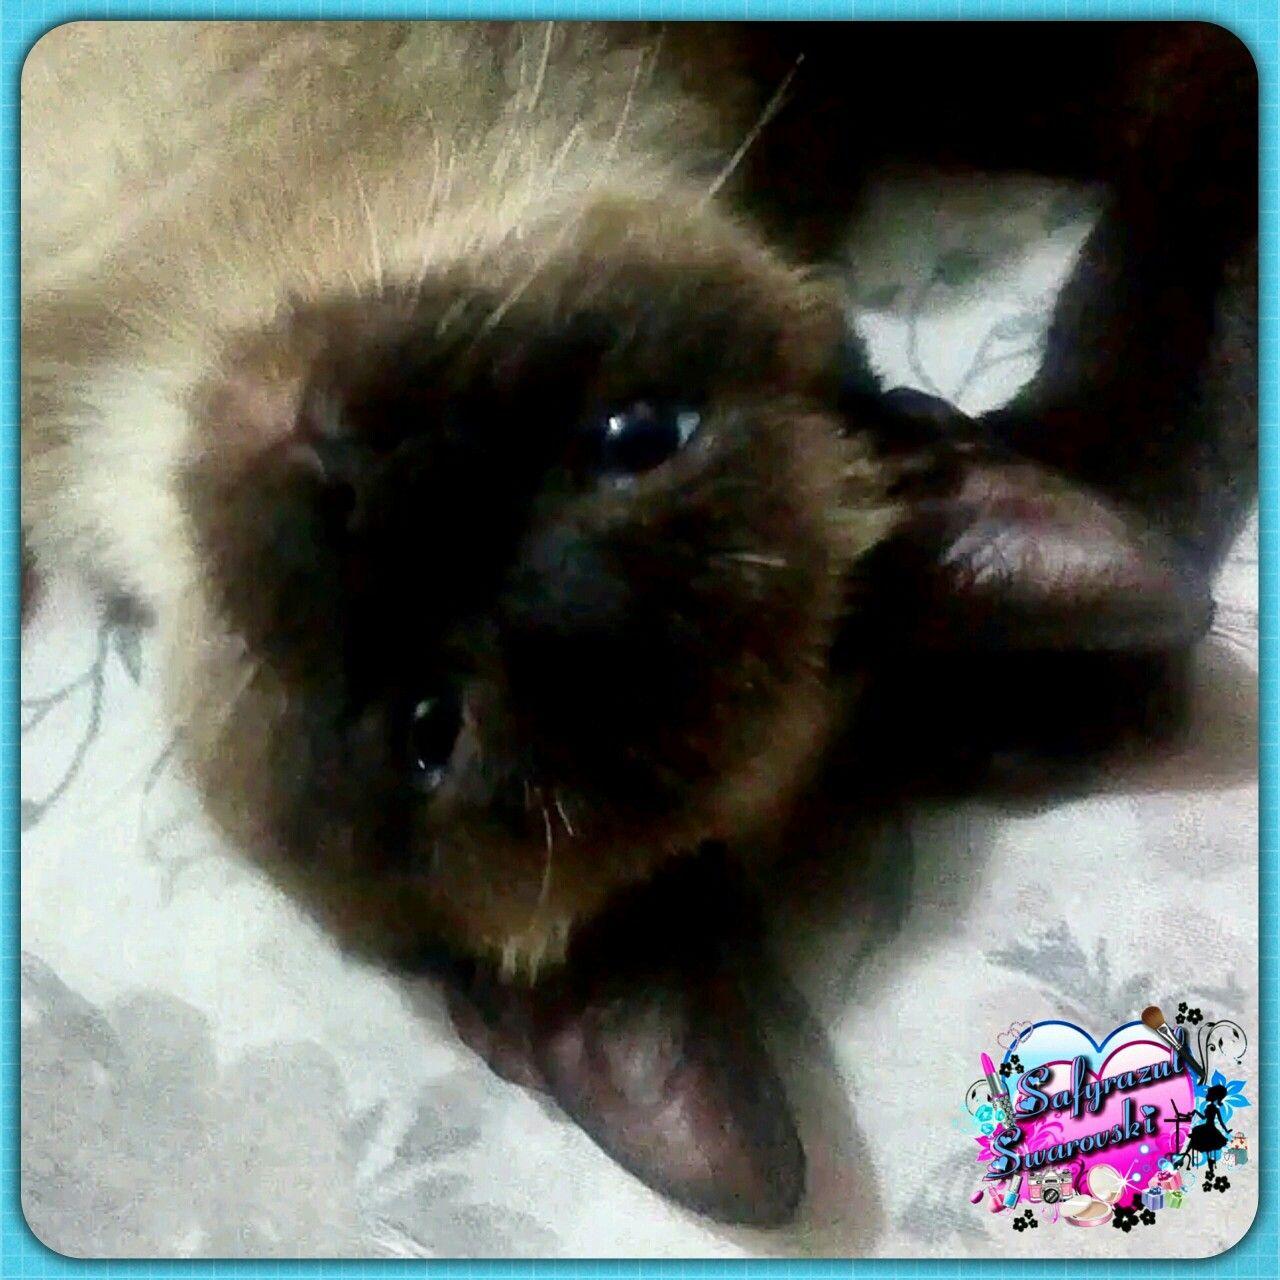 Olha a carinha do Smayk #gatodormindo #gato #gatos #filhote #felino #cats #cat #mundobicho #mundopet #pets #pet #bixanos